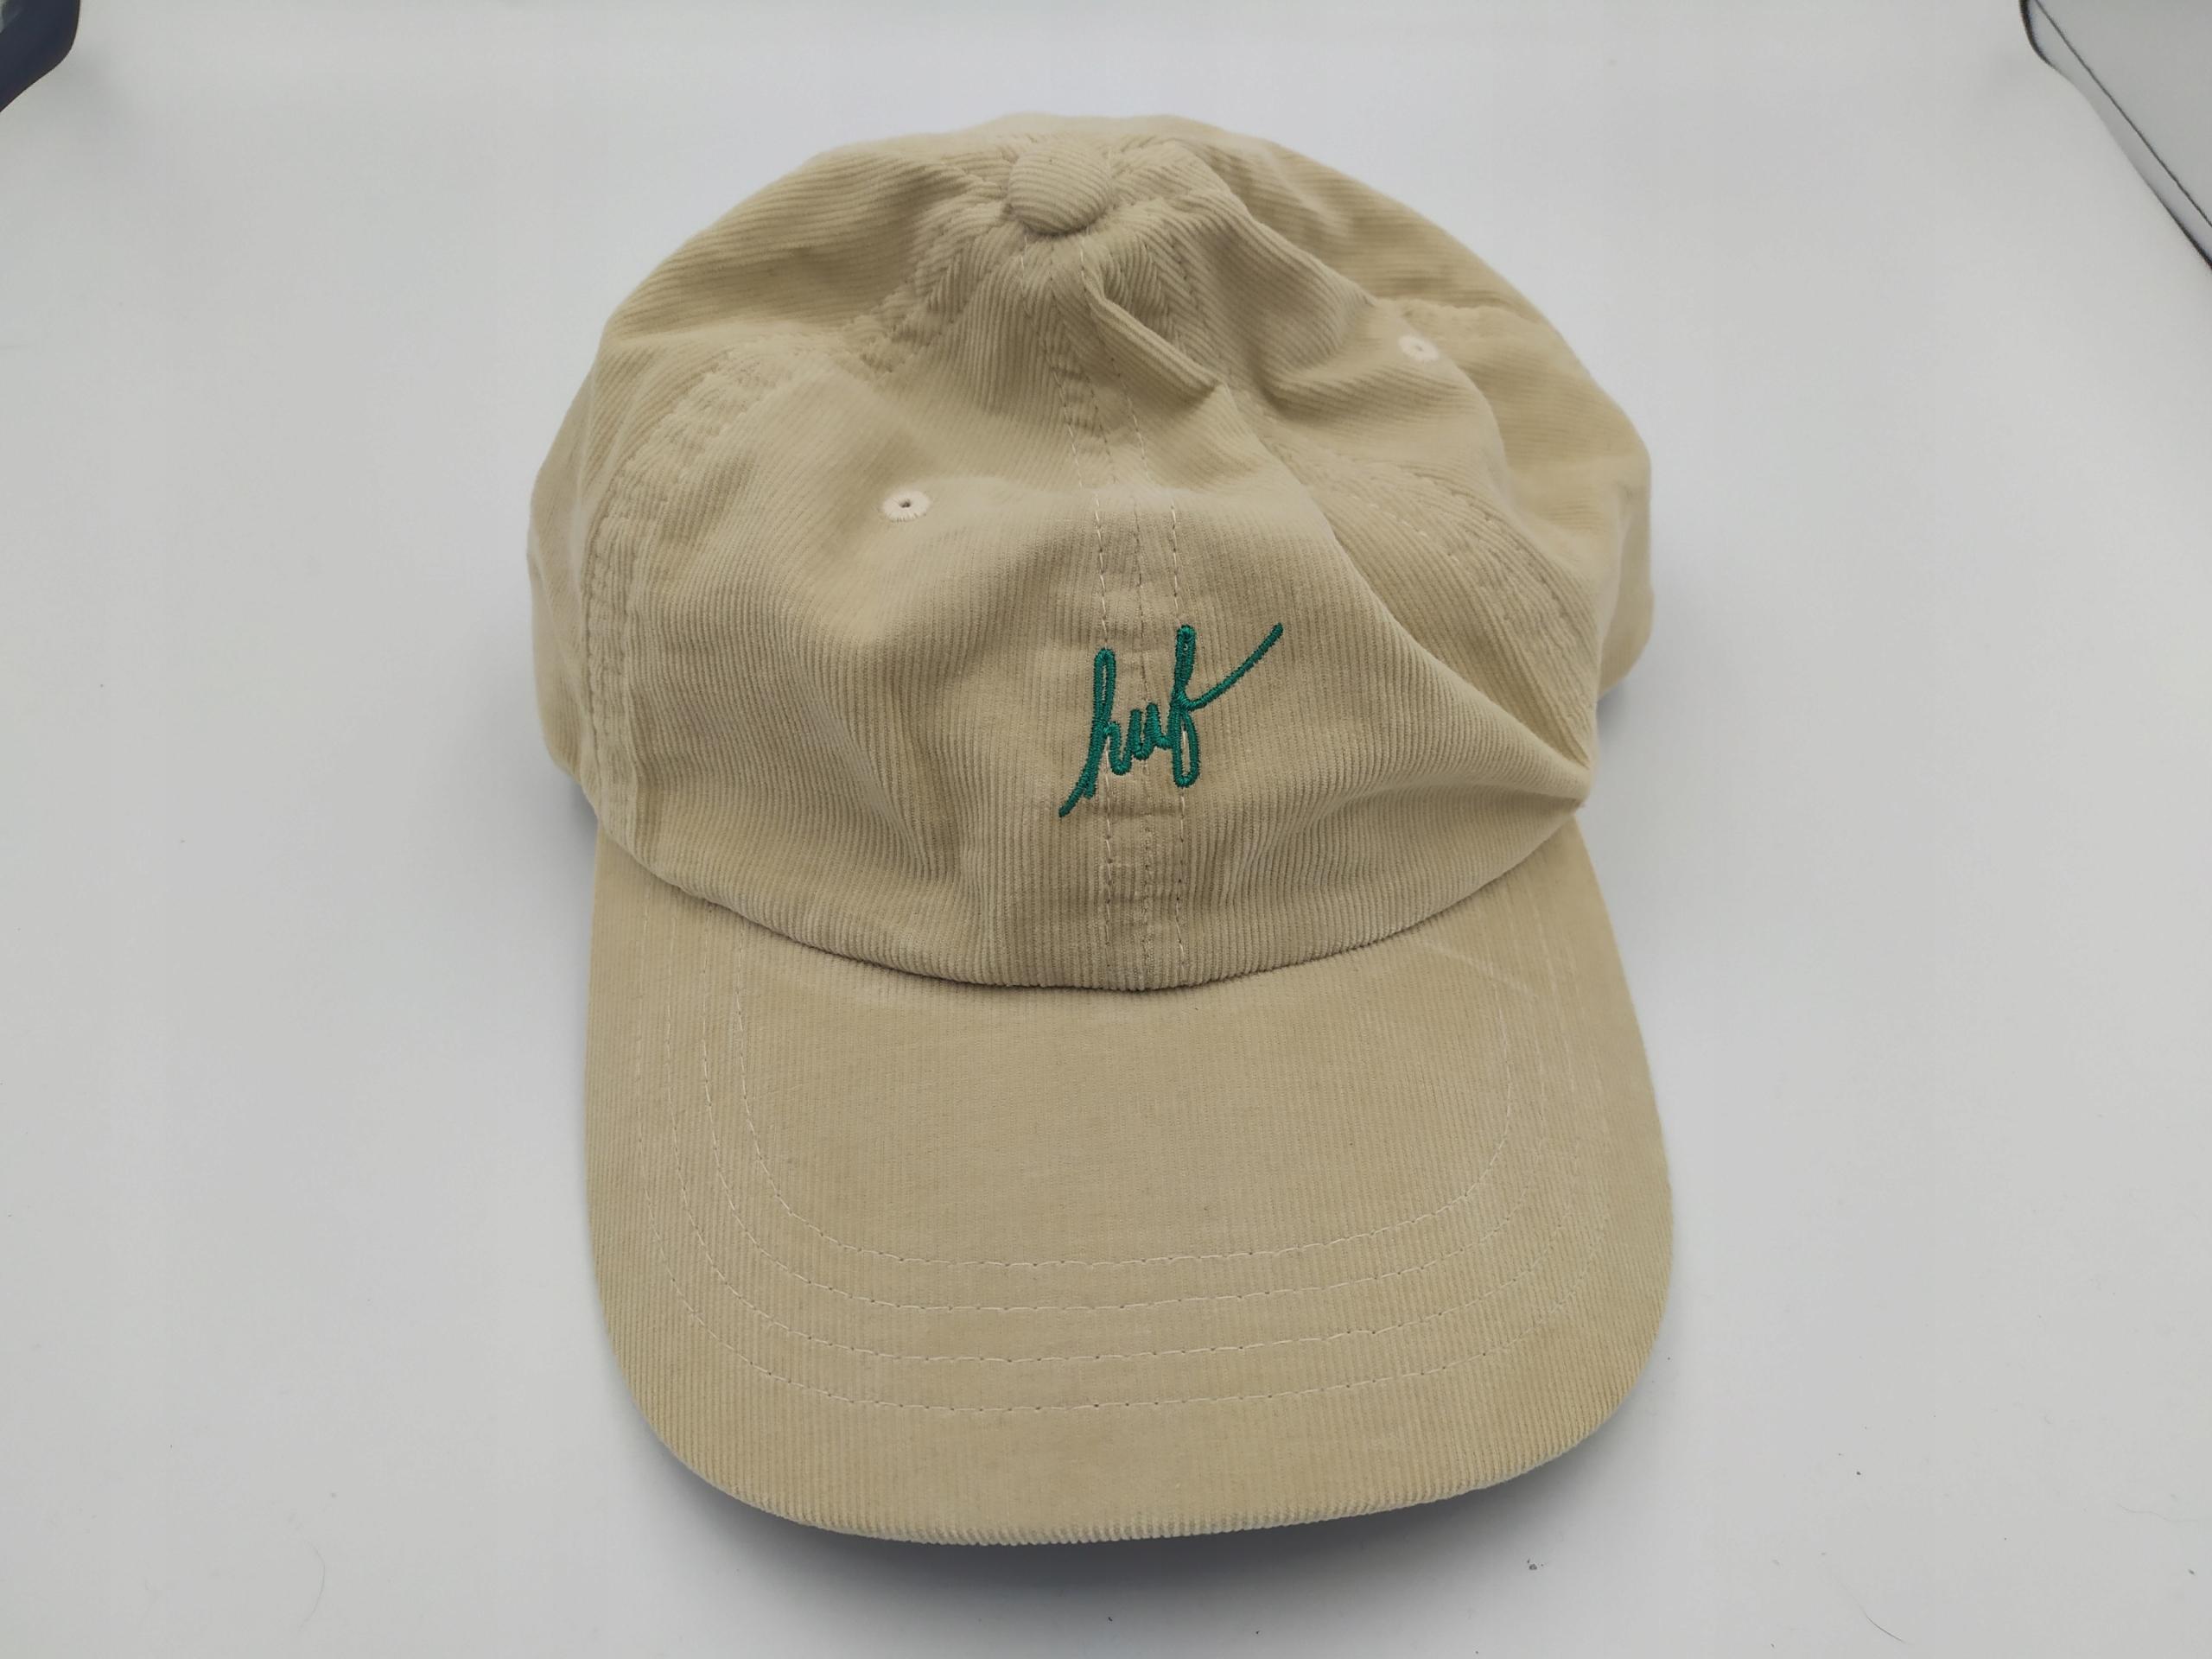 najniższa zniżka gorące produkty najlepiej sprzedający się 2 HUF czapka z daszkiem - 8338280621 - oficjalne archiwum ...